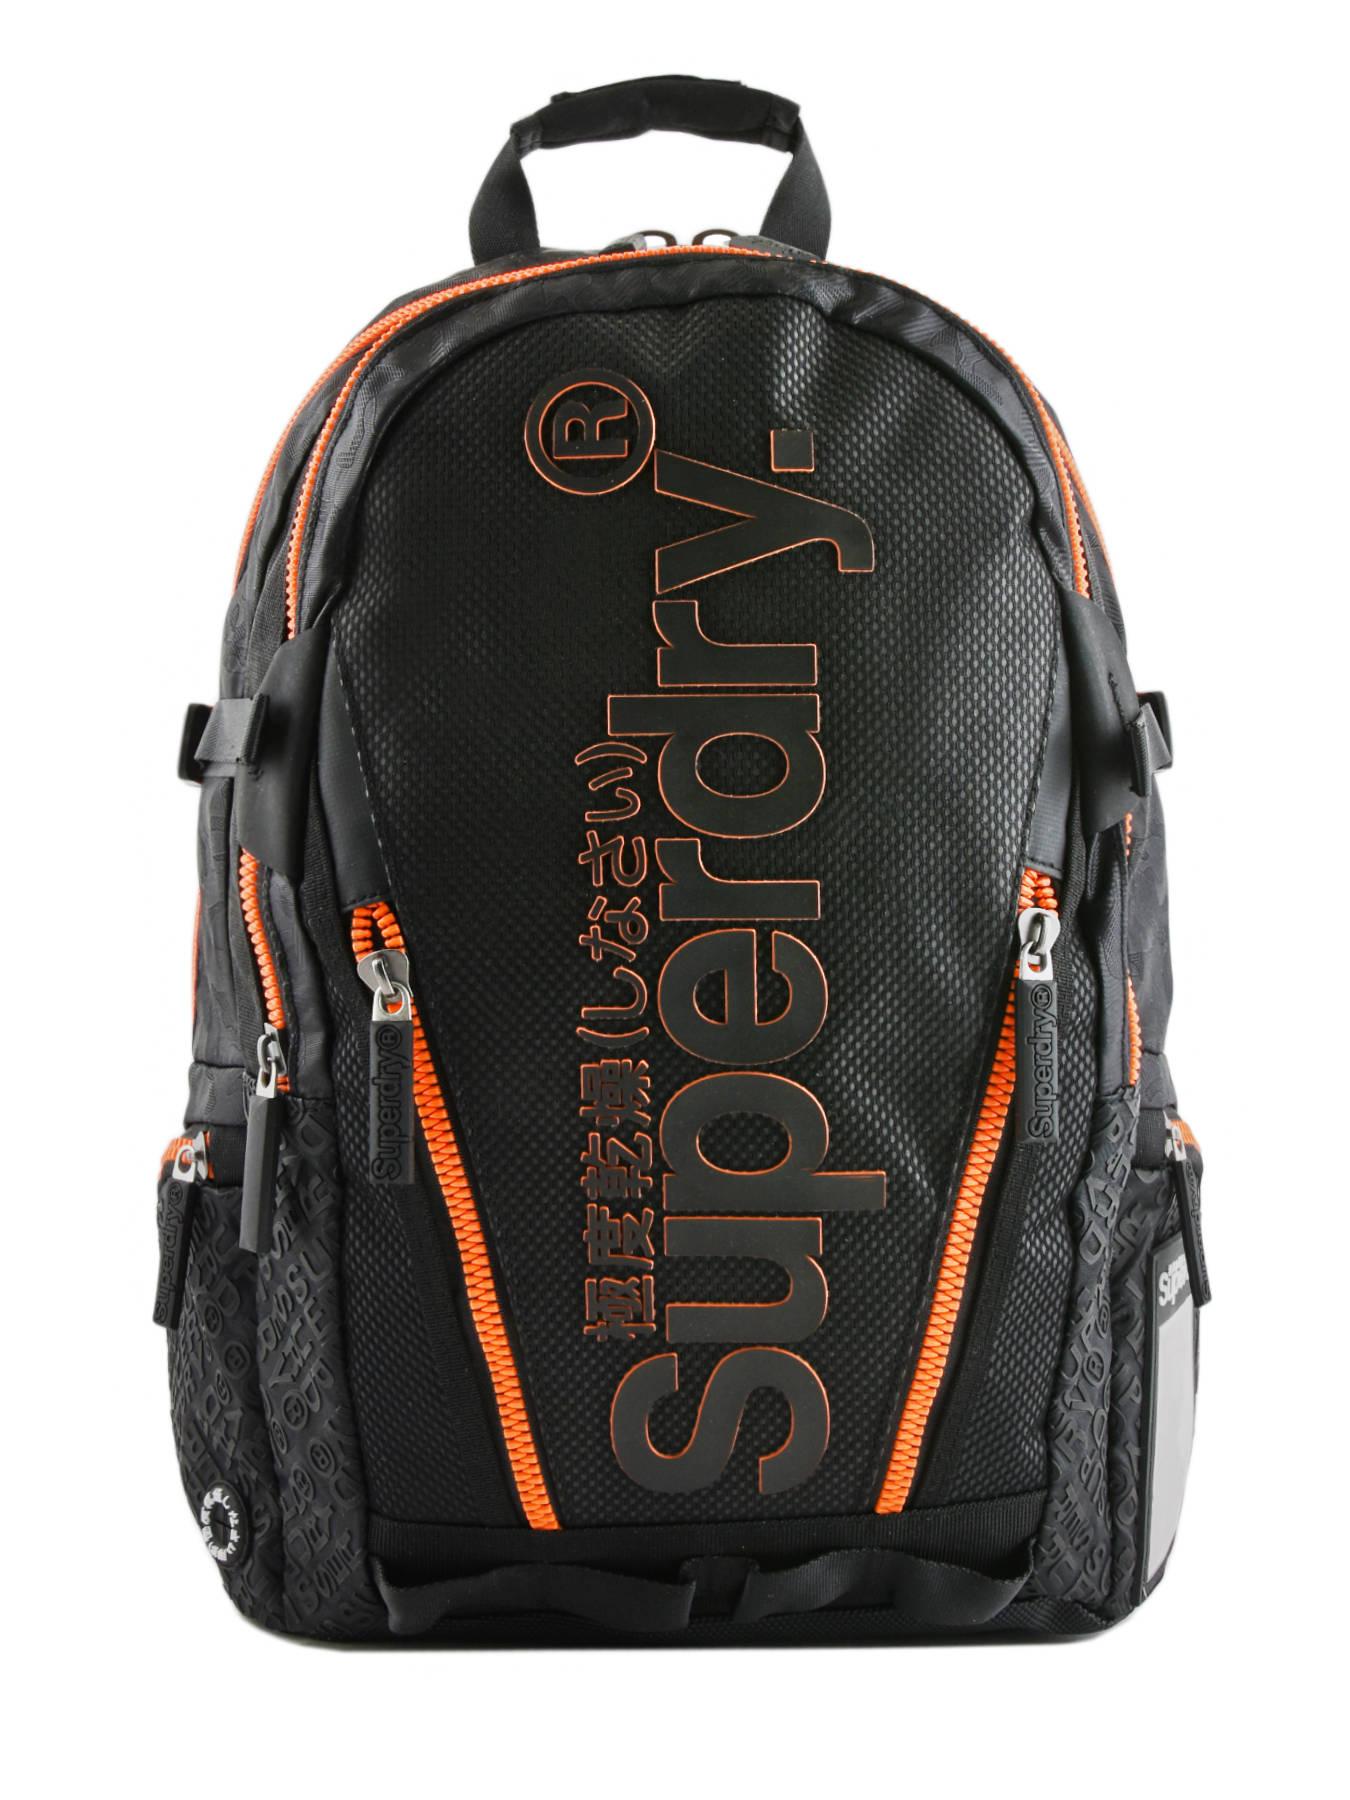 20e9f3653e7 ... Rugzak 2 Compartimenten Superdry Zwart backpack men M91011JT ...